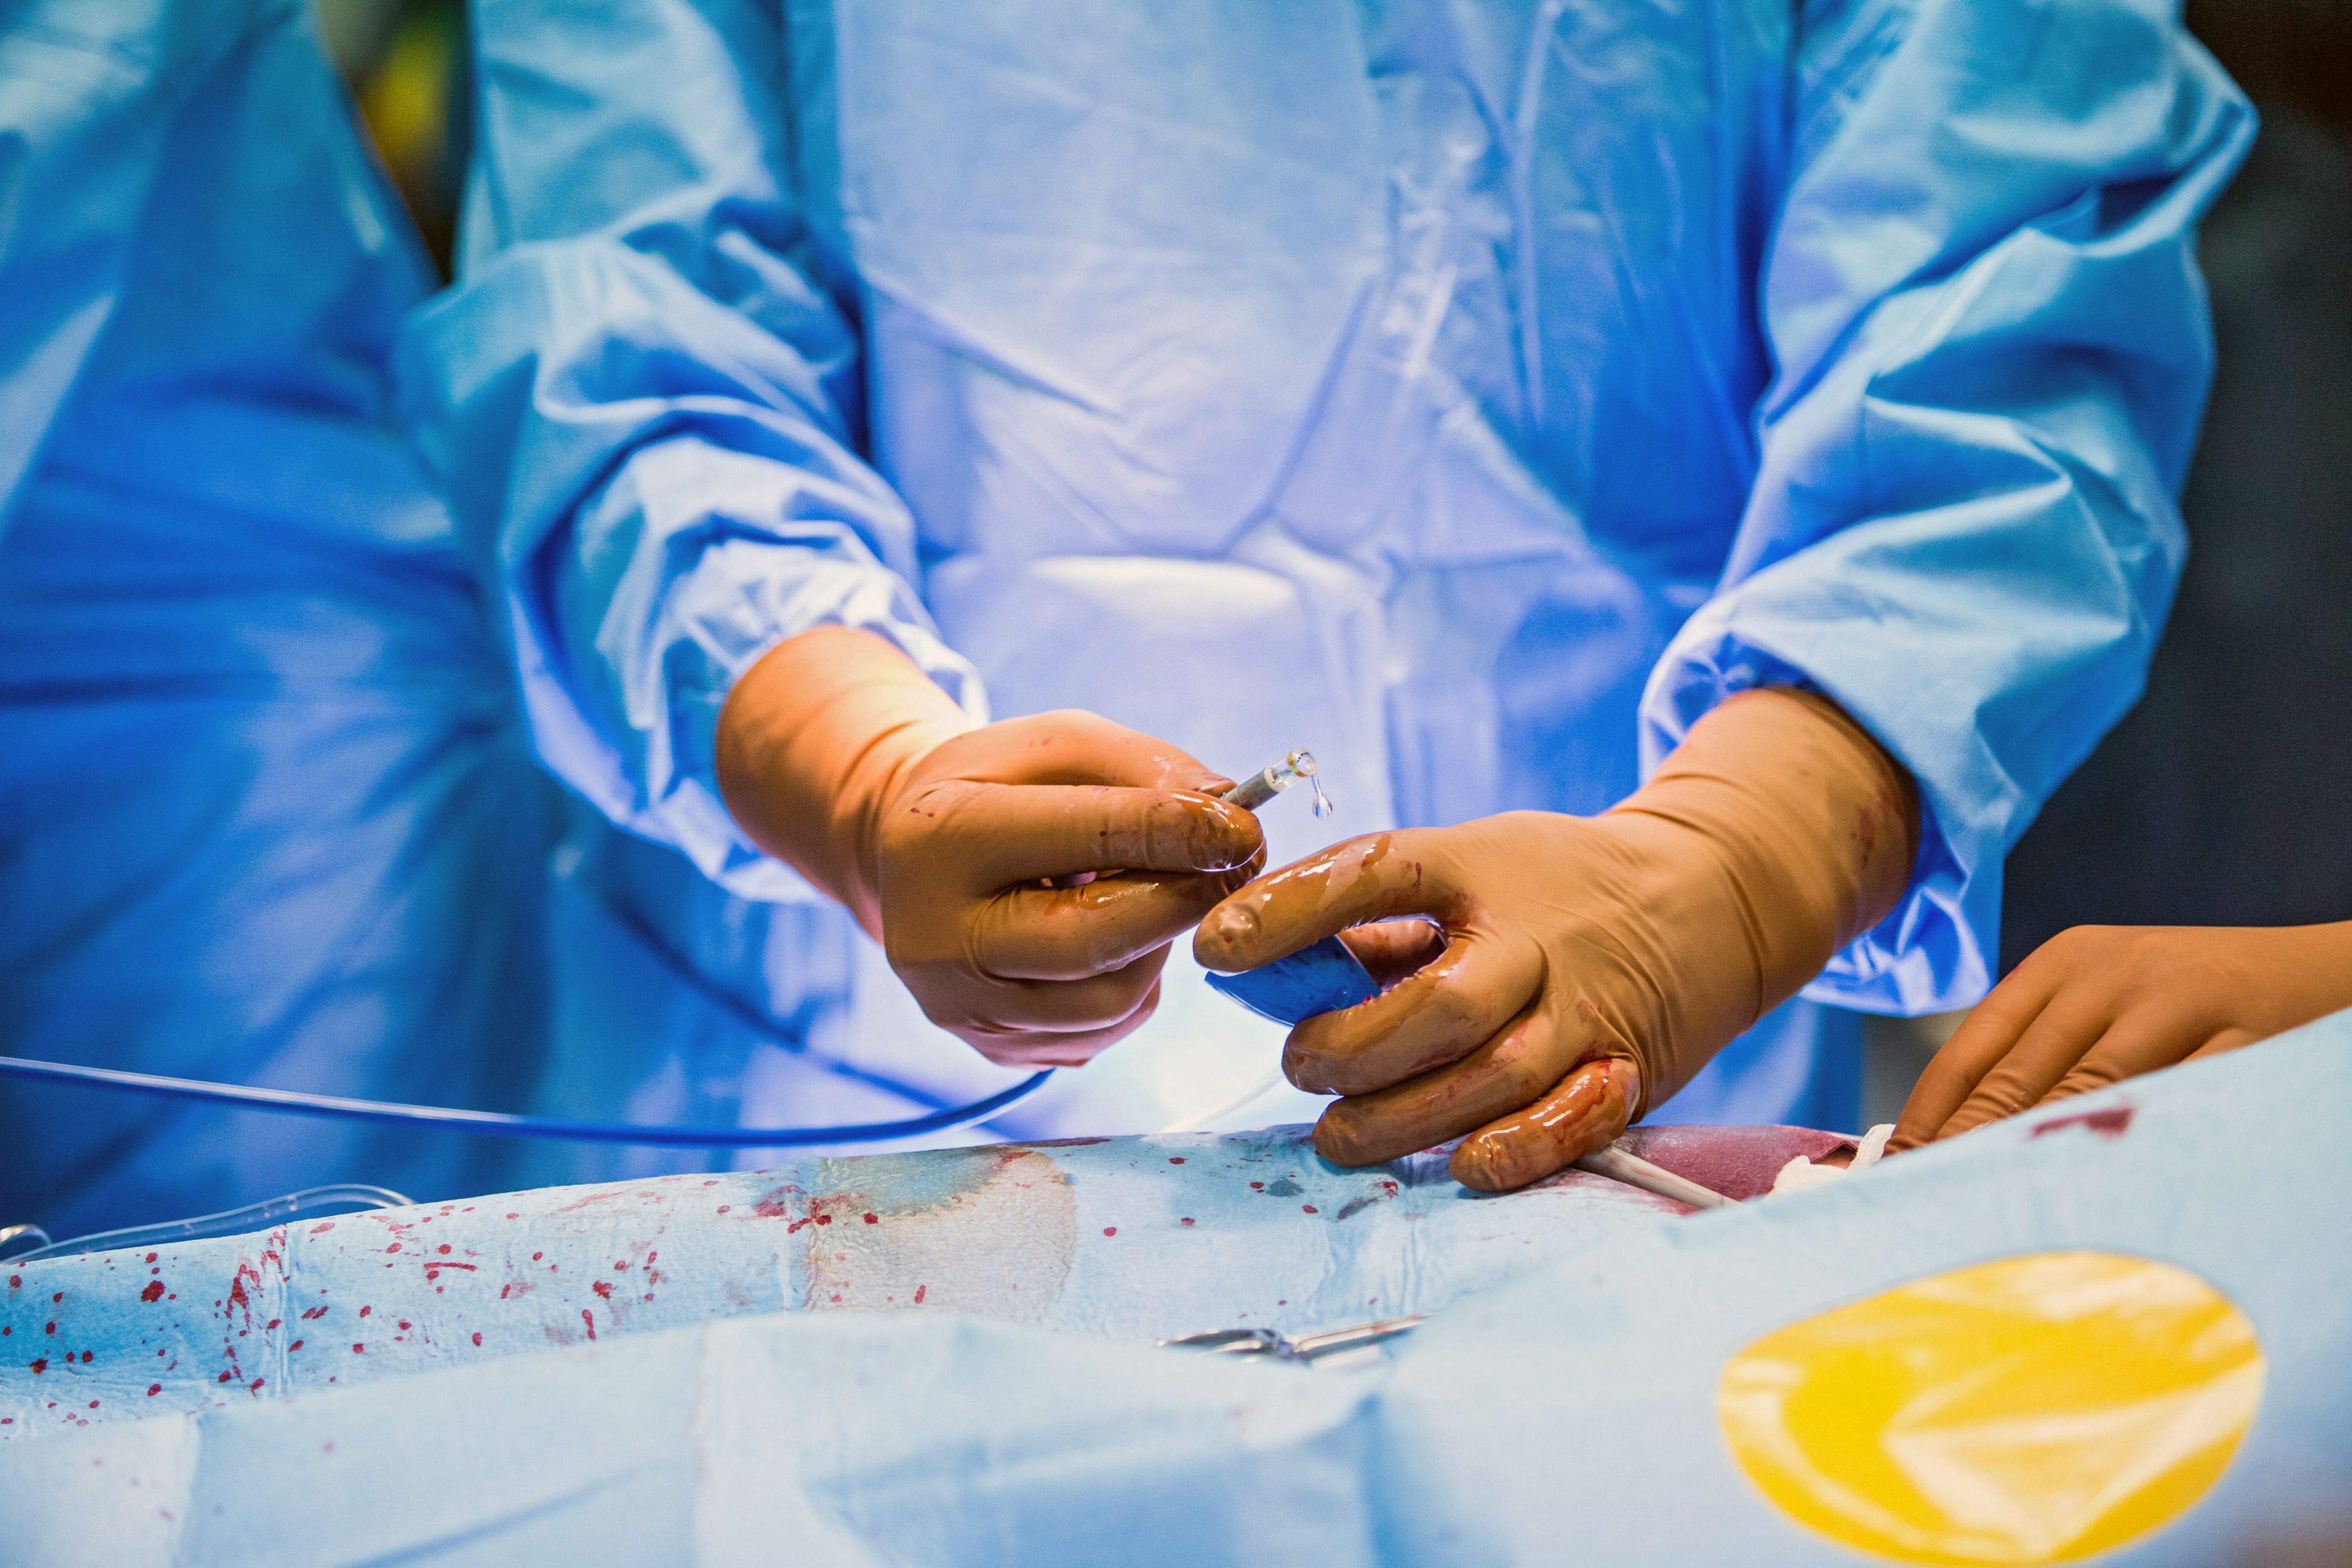 Hospitais usam dispositivos médicos e só depois os põem nas contas